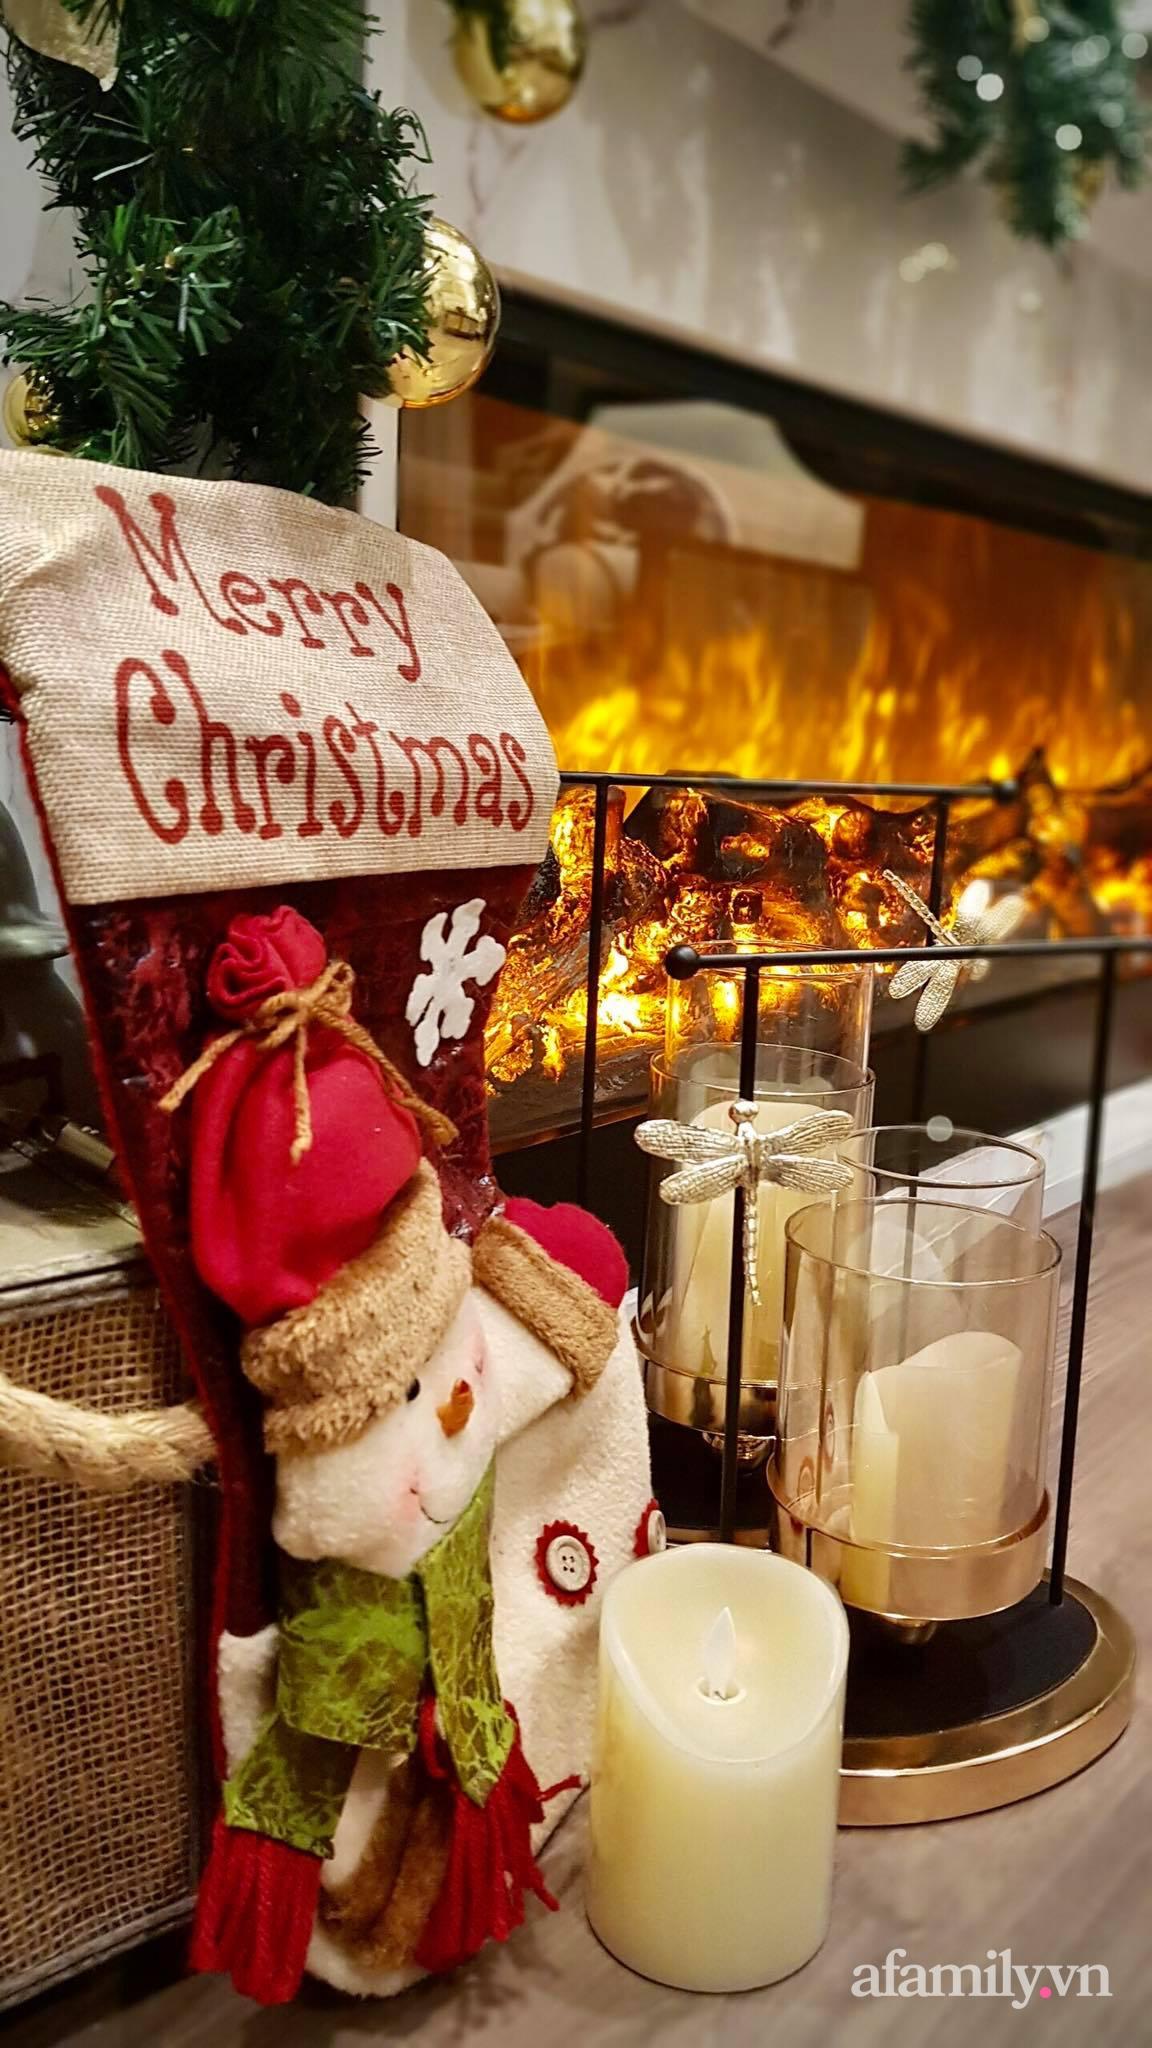 """Căn hộ """"thắp sáng"""" những sắc màu giúp từng góc nhỏ thêm ấm cúng đón Giáng sinh ở Hà Nội - Ảnh 11."""